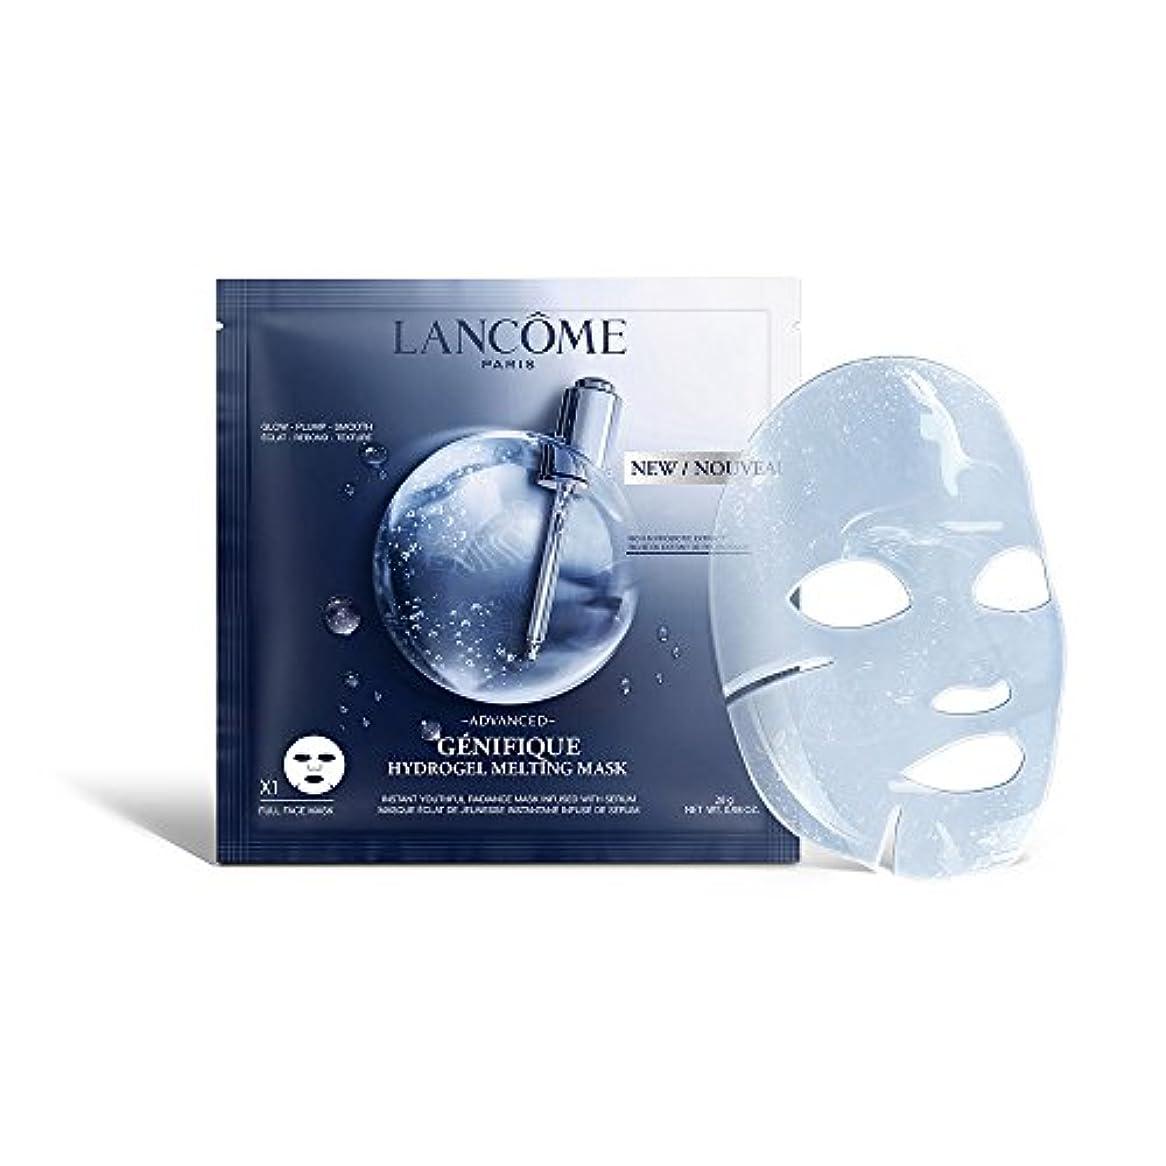 講師有能な貼り直すLANCOME(ランコム) ジェニフィック アドバンスト マスク(7枚セット)